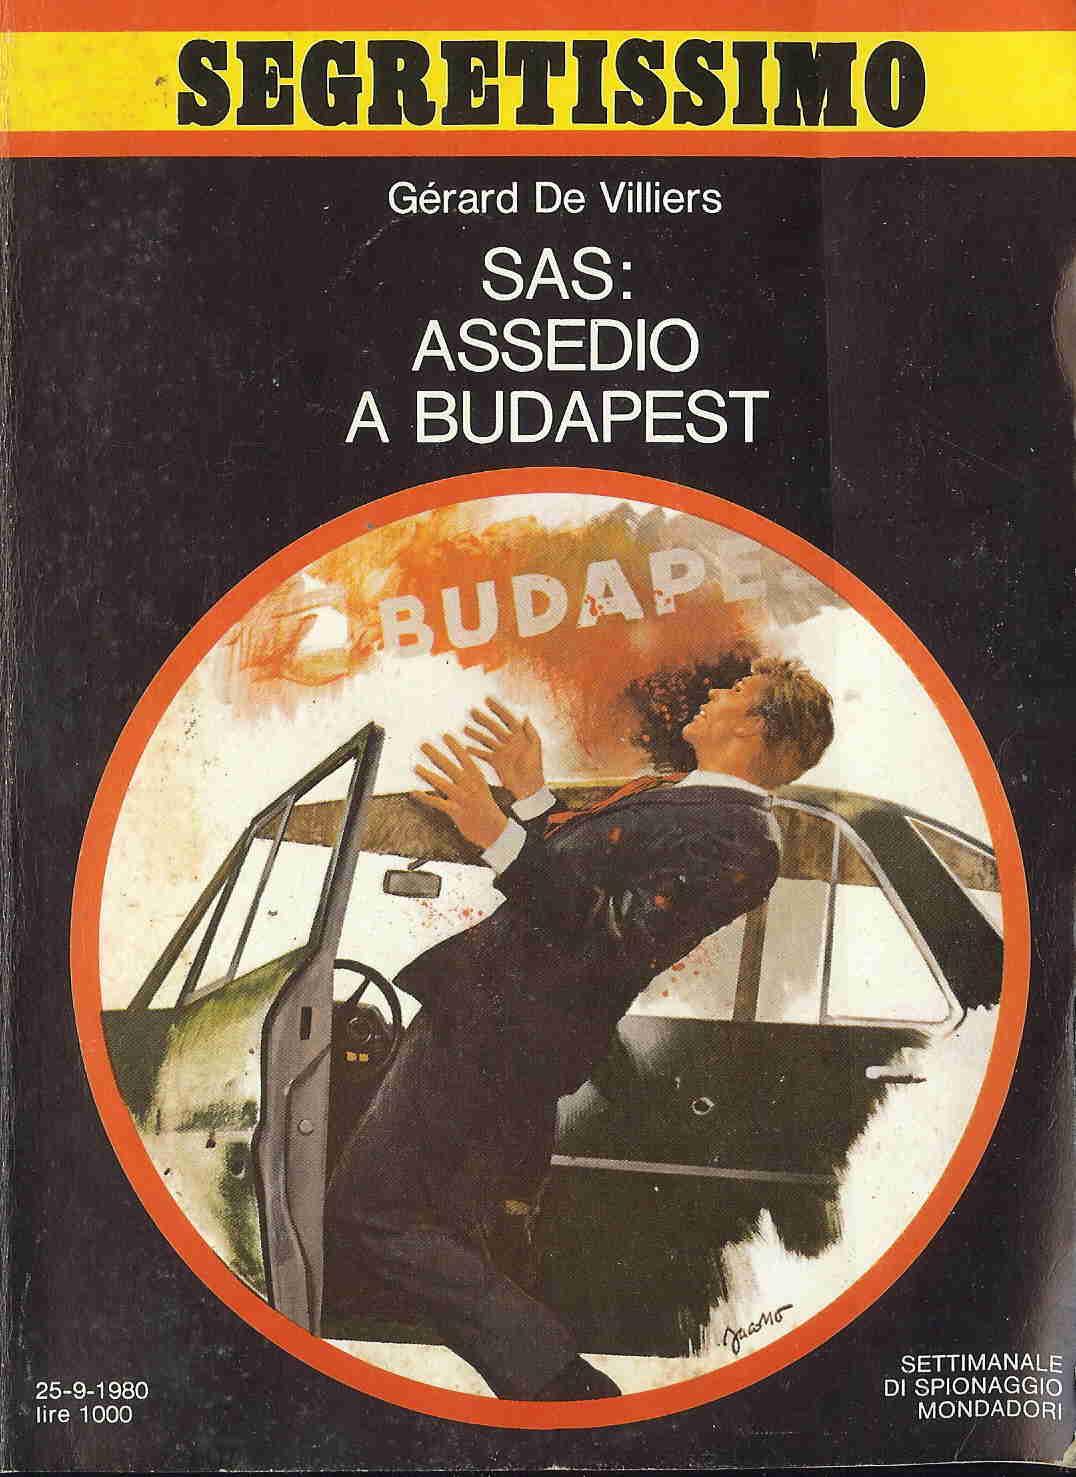 SAS: Assedio a Budapest